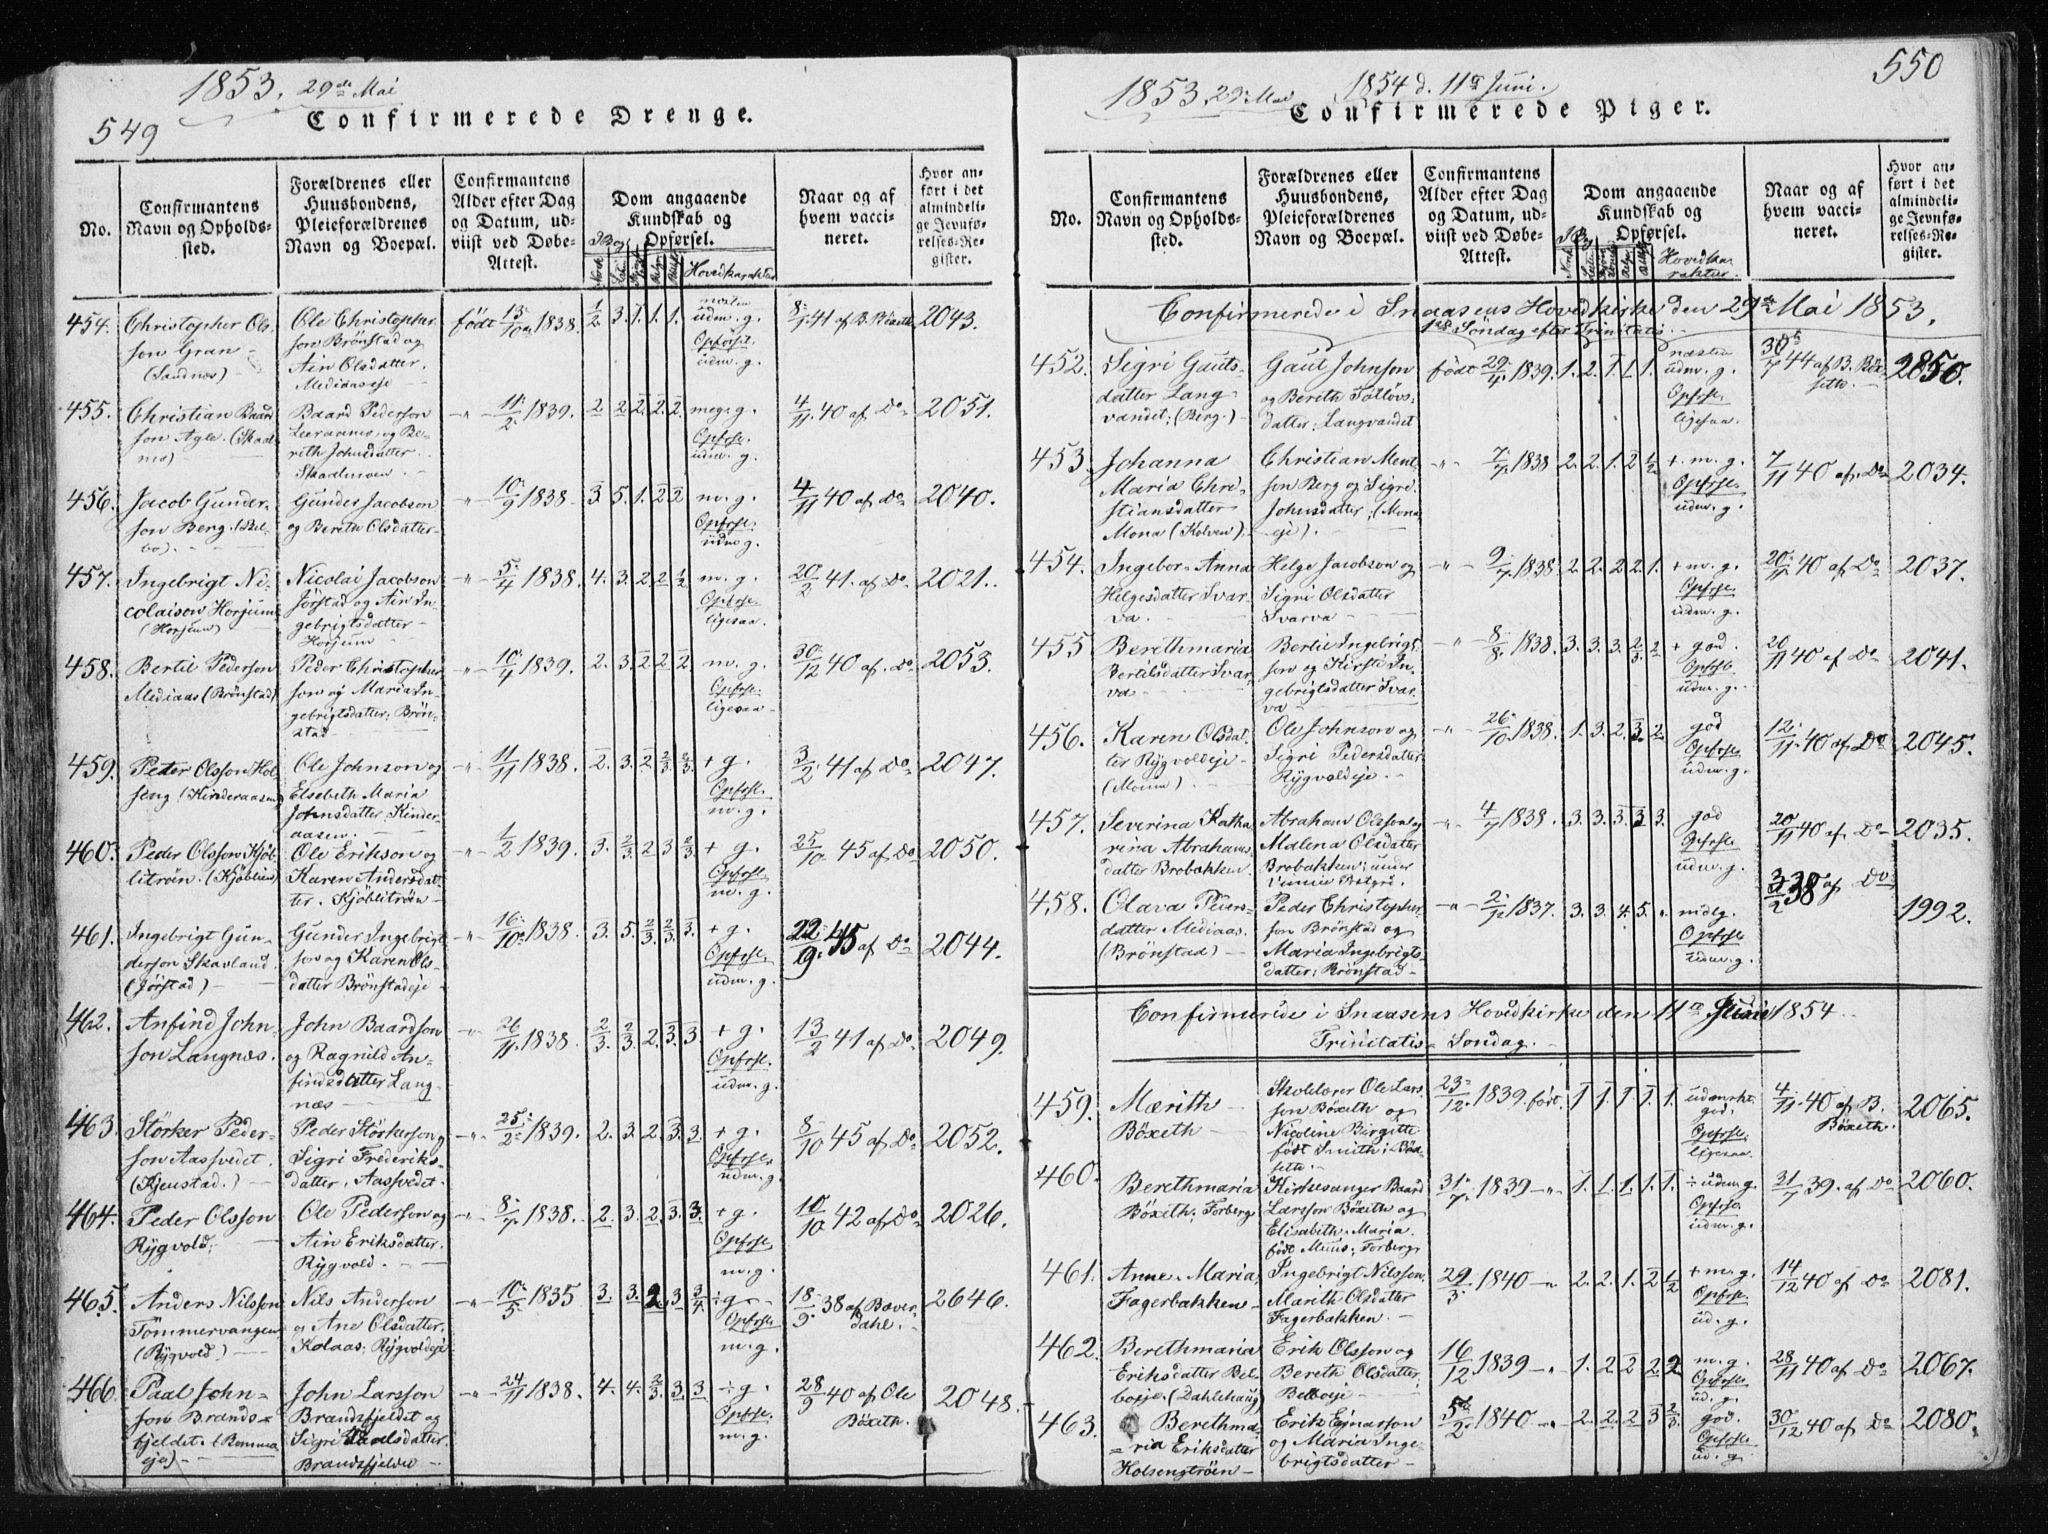 SAT, Ministerialprotokoller, klokkerbøker og fødselsregistre - Nord-Trøndelag, 749/L0469: Ministerialbok nr. 749A03, 1817-1857, s. 549-550